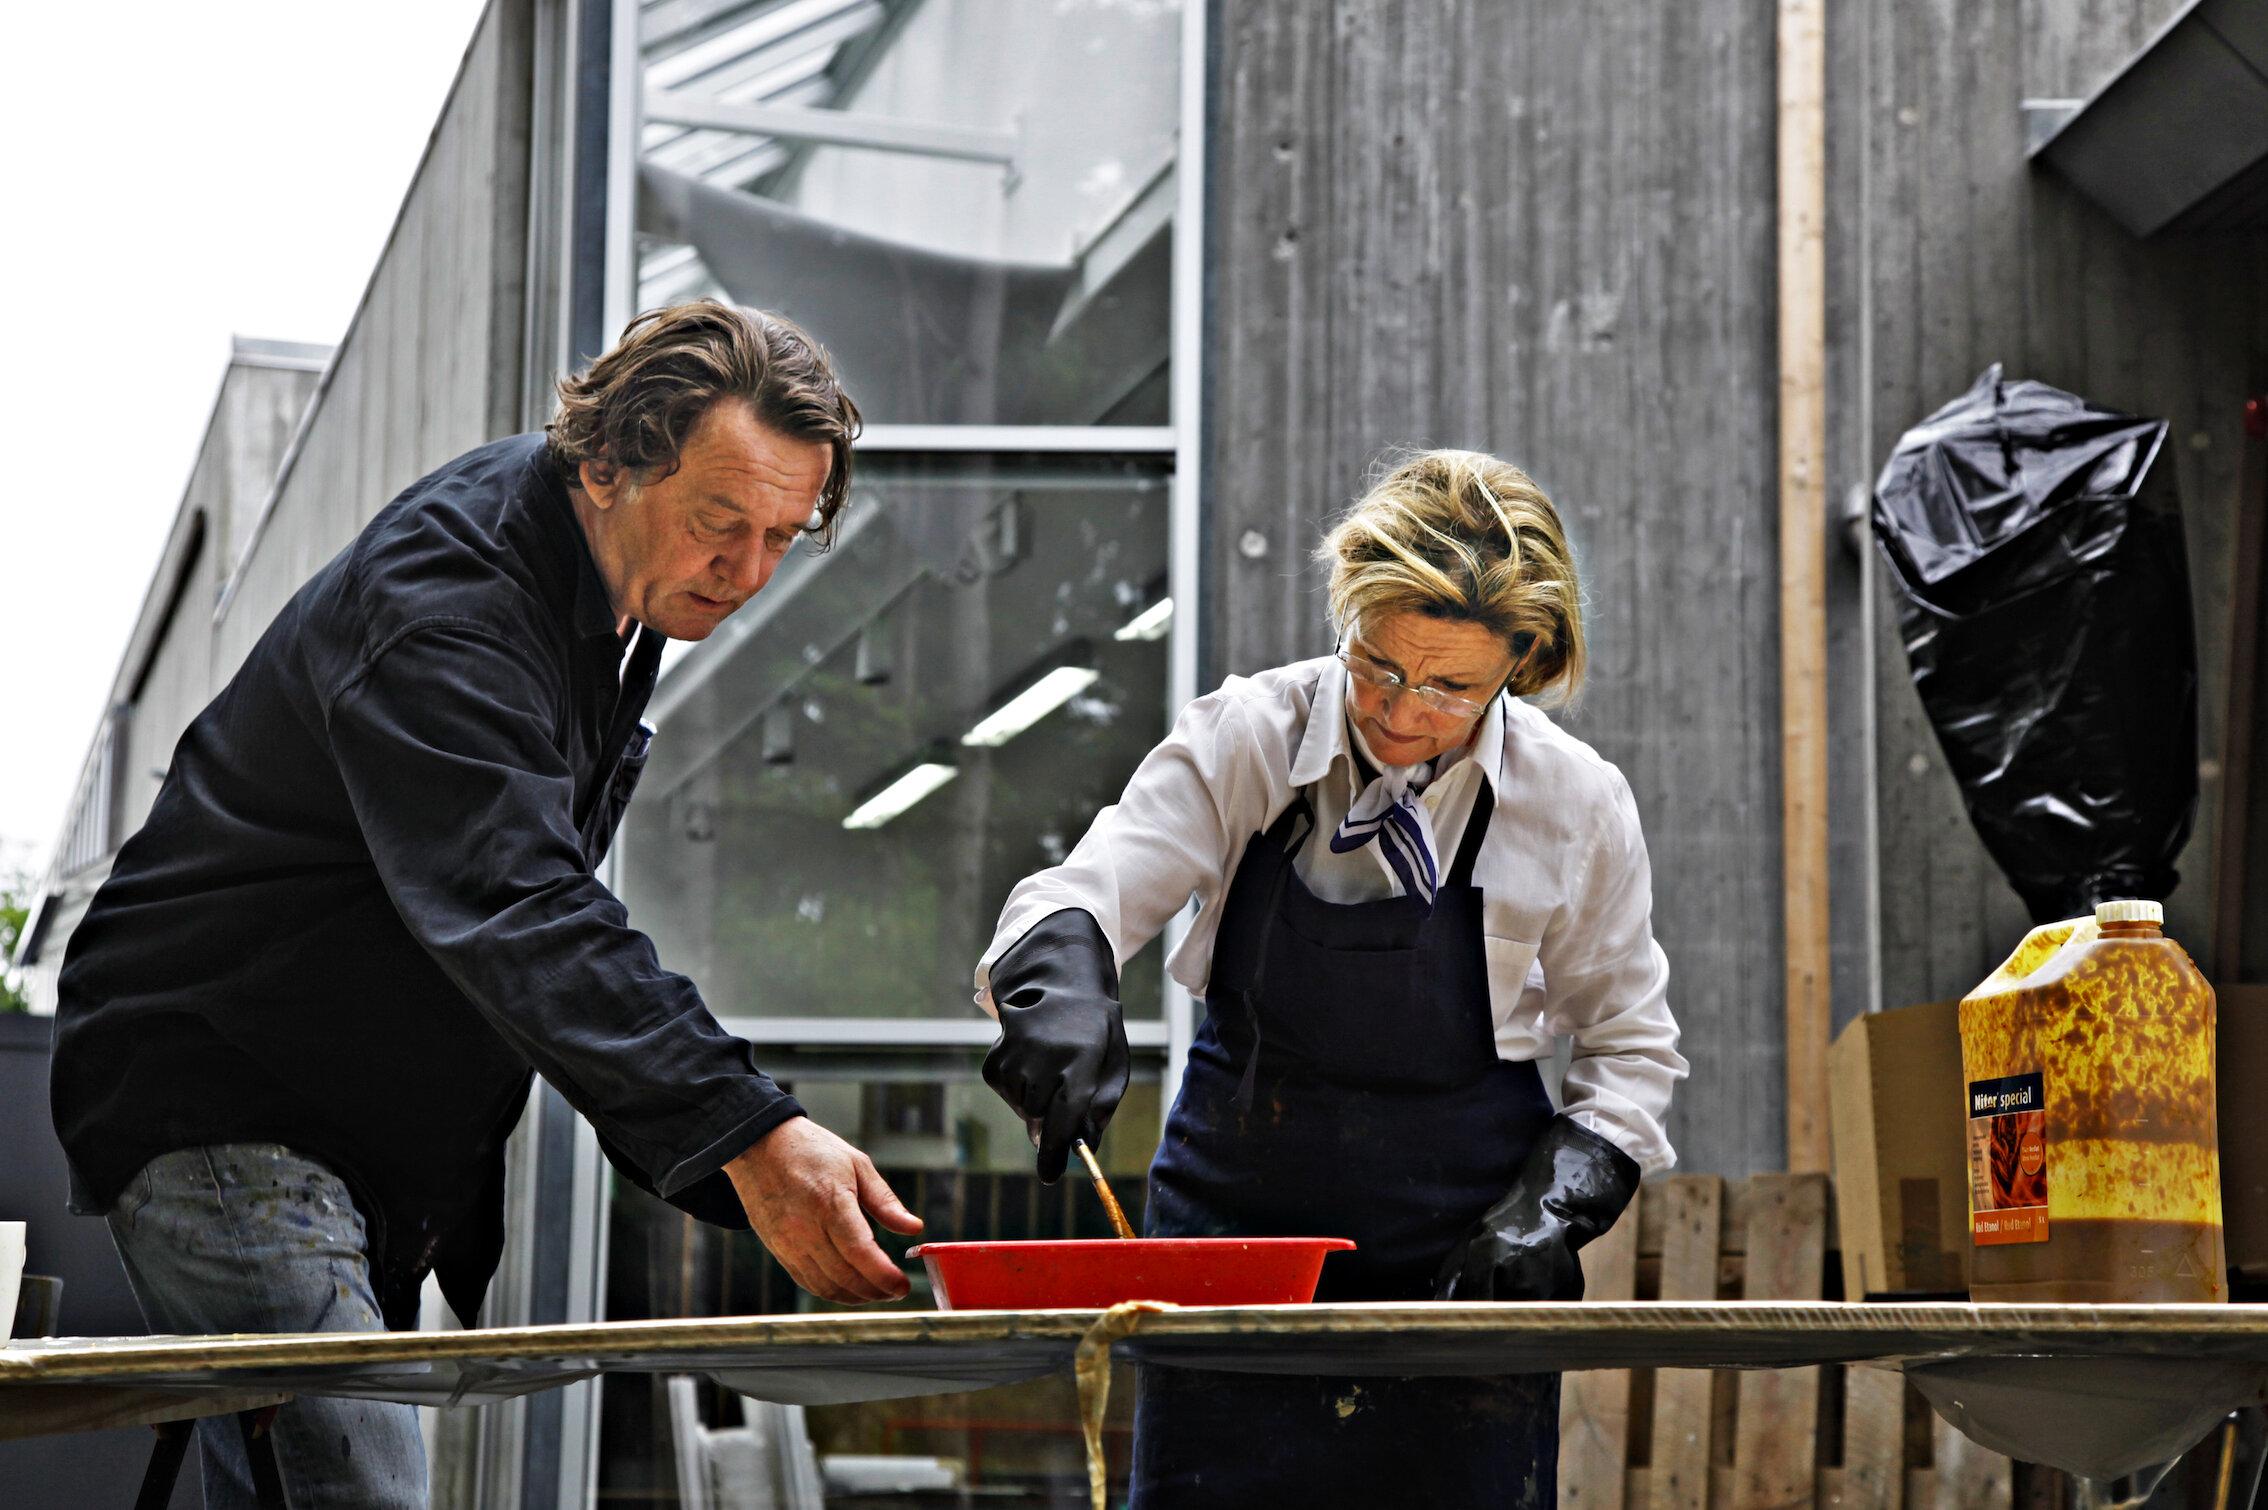 Königin Sonja zeigt sich herrlich uneitel bei ihrem Hobby.  © Rolf M. Aagaard / Det kongelige hoff